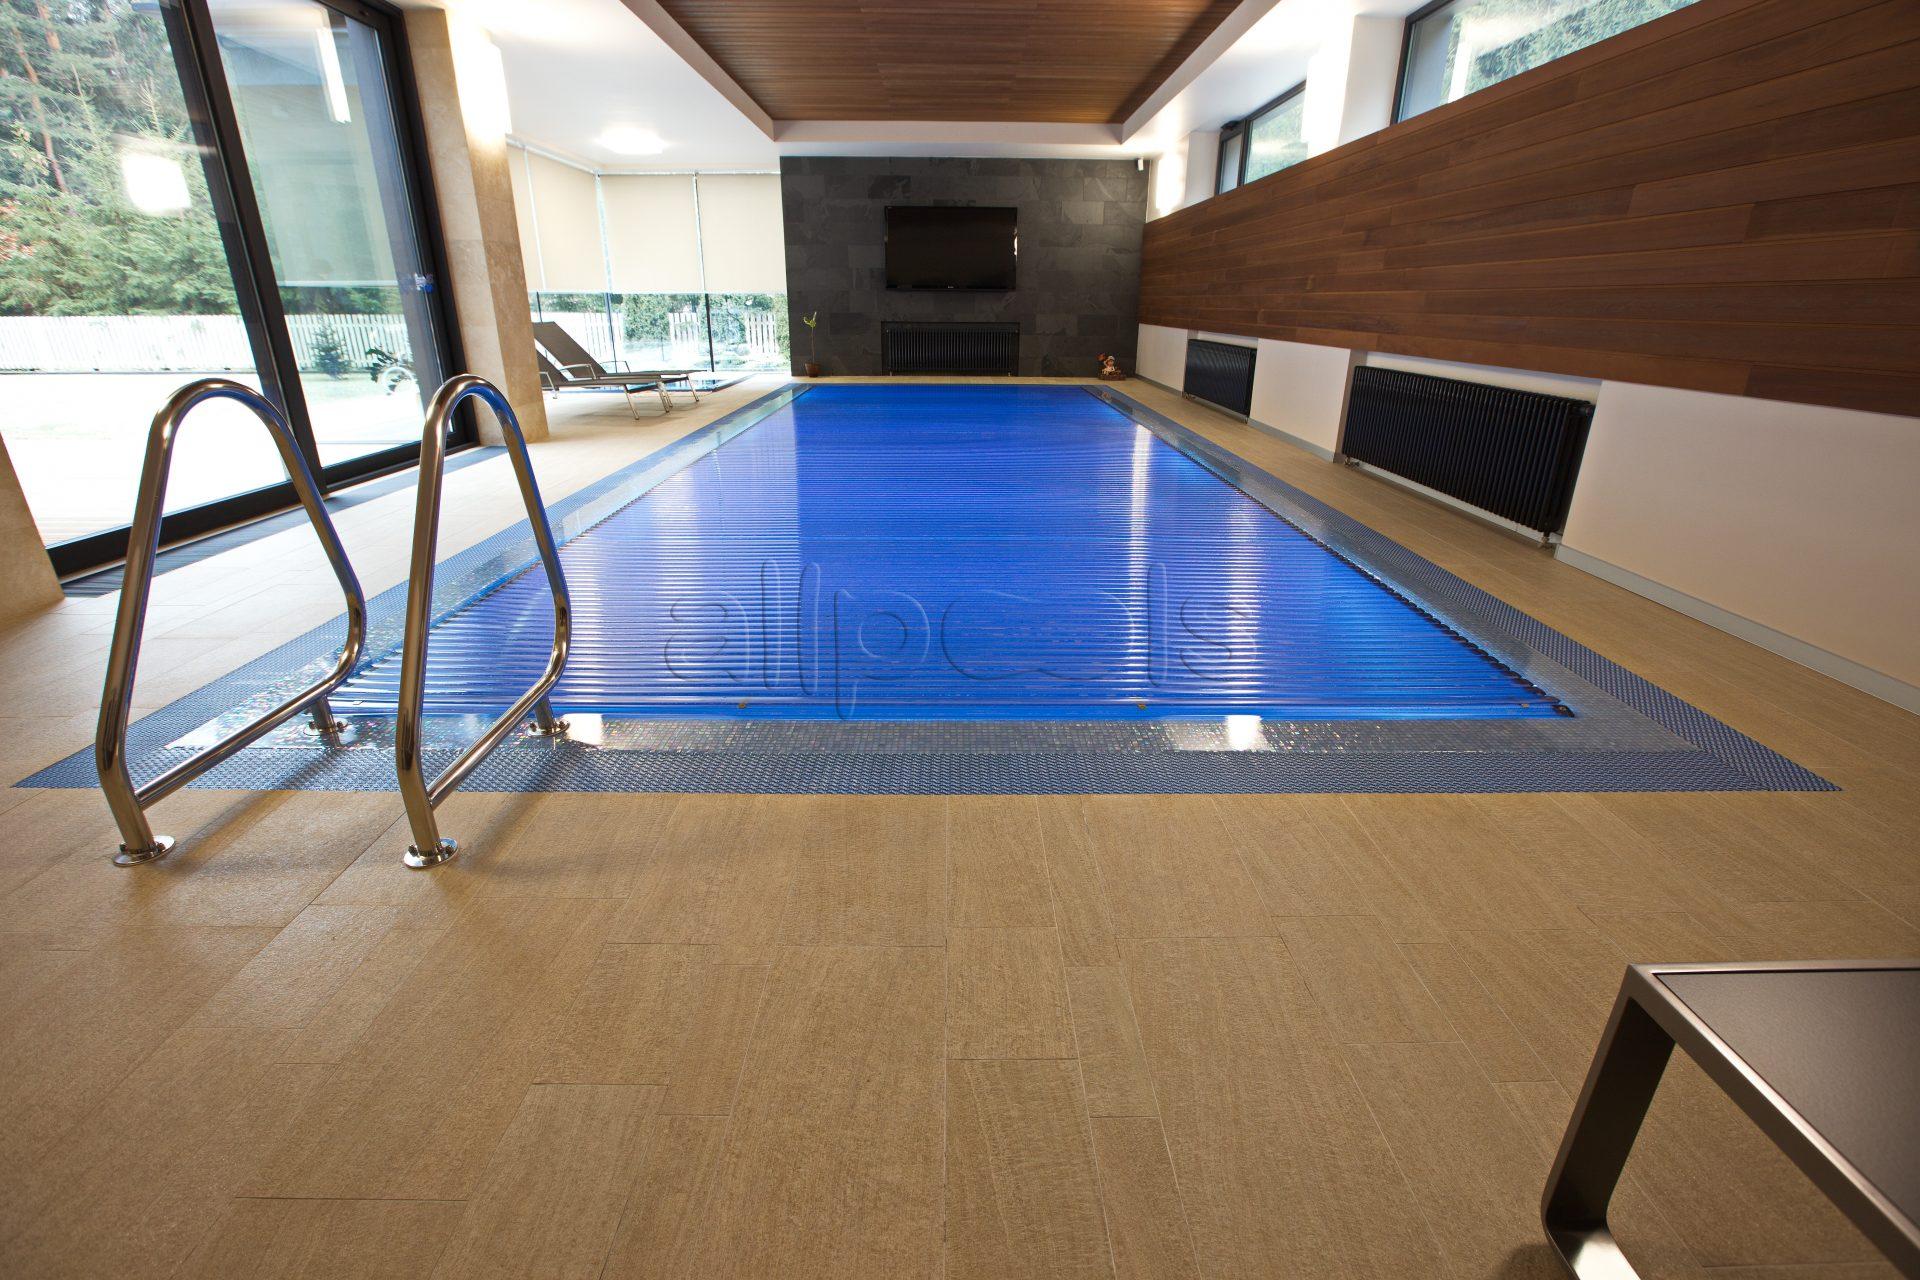 Сматывающееся плавающее покрытие в частном бассейне, на котором можно стоять